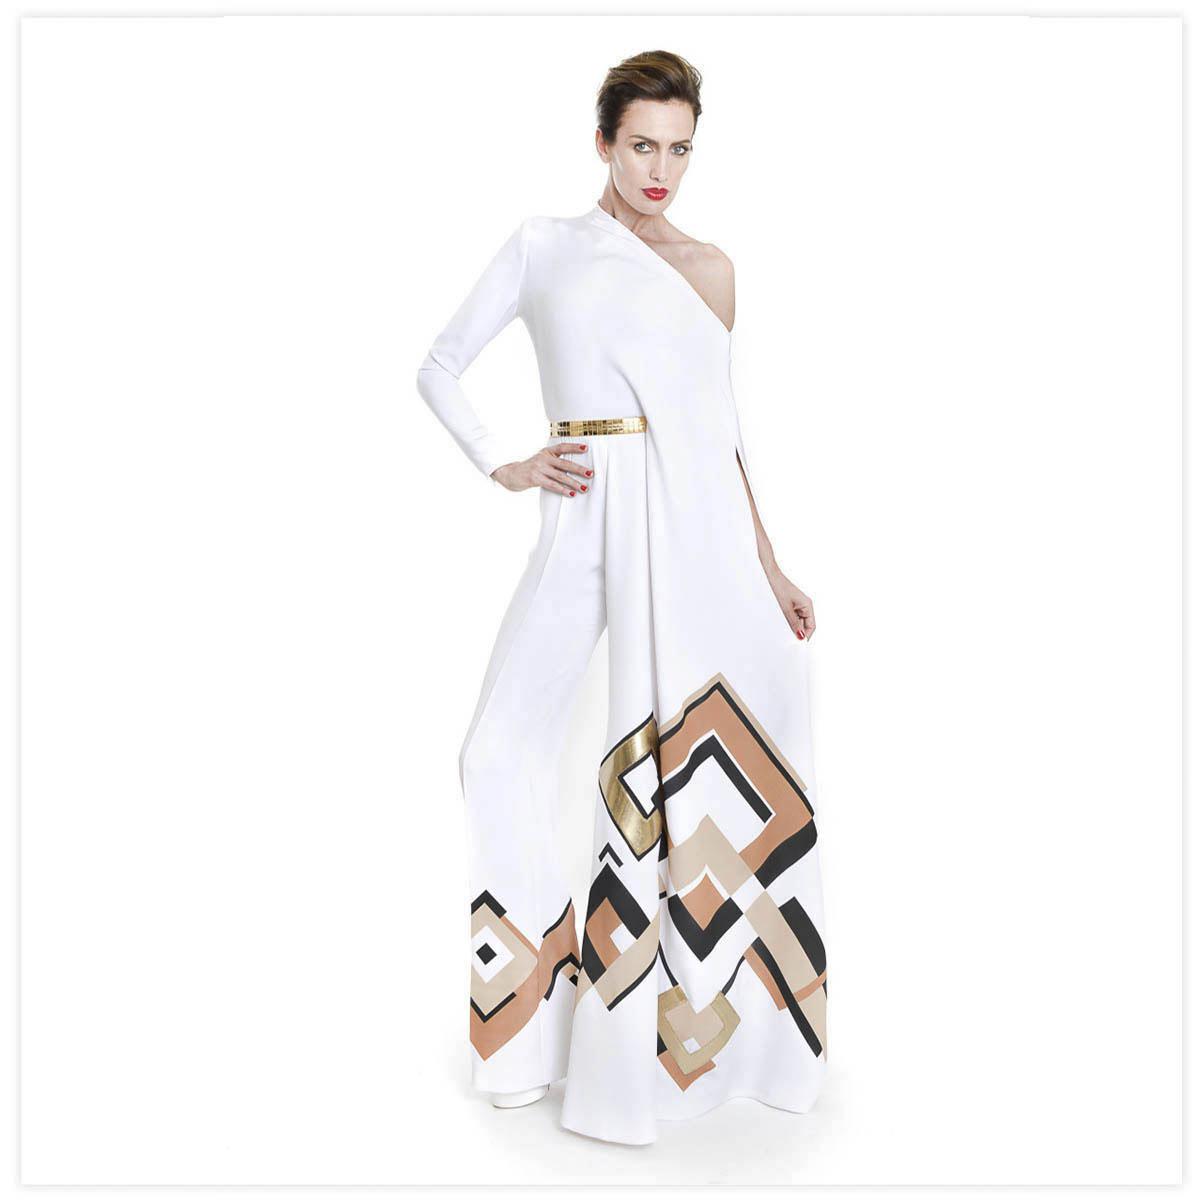 Stéphane Rolland Haute-Couture Défilé 2015 Aérographe sur tissu à plat